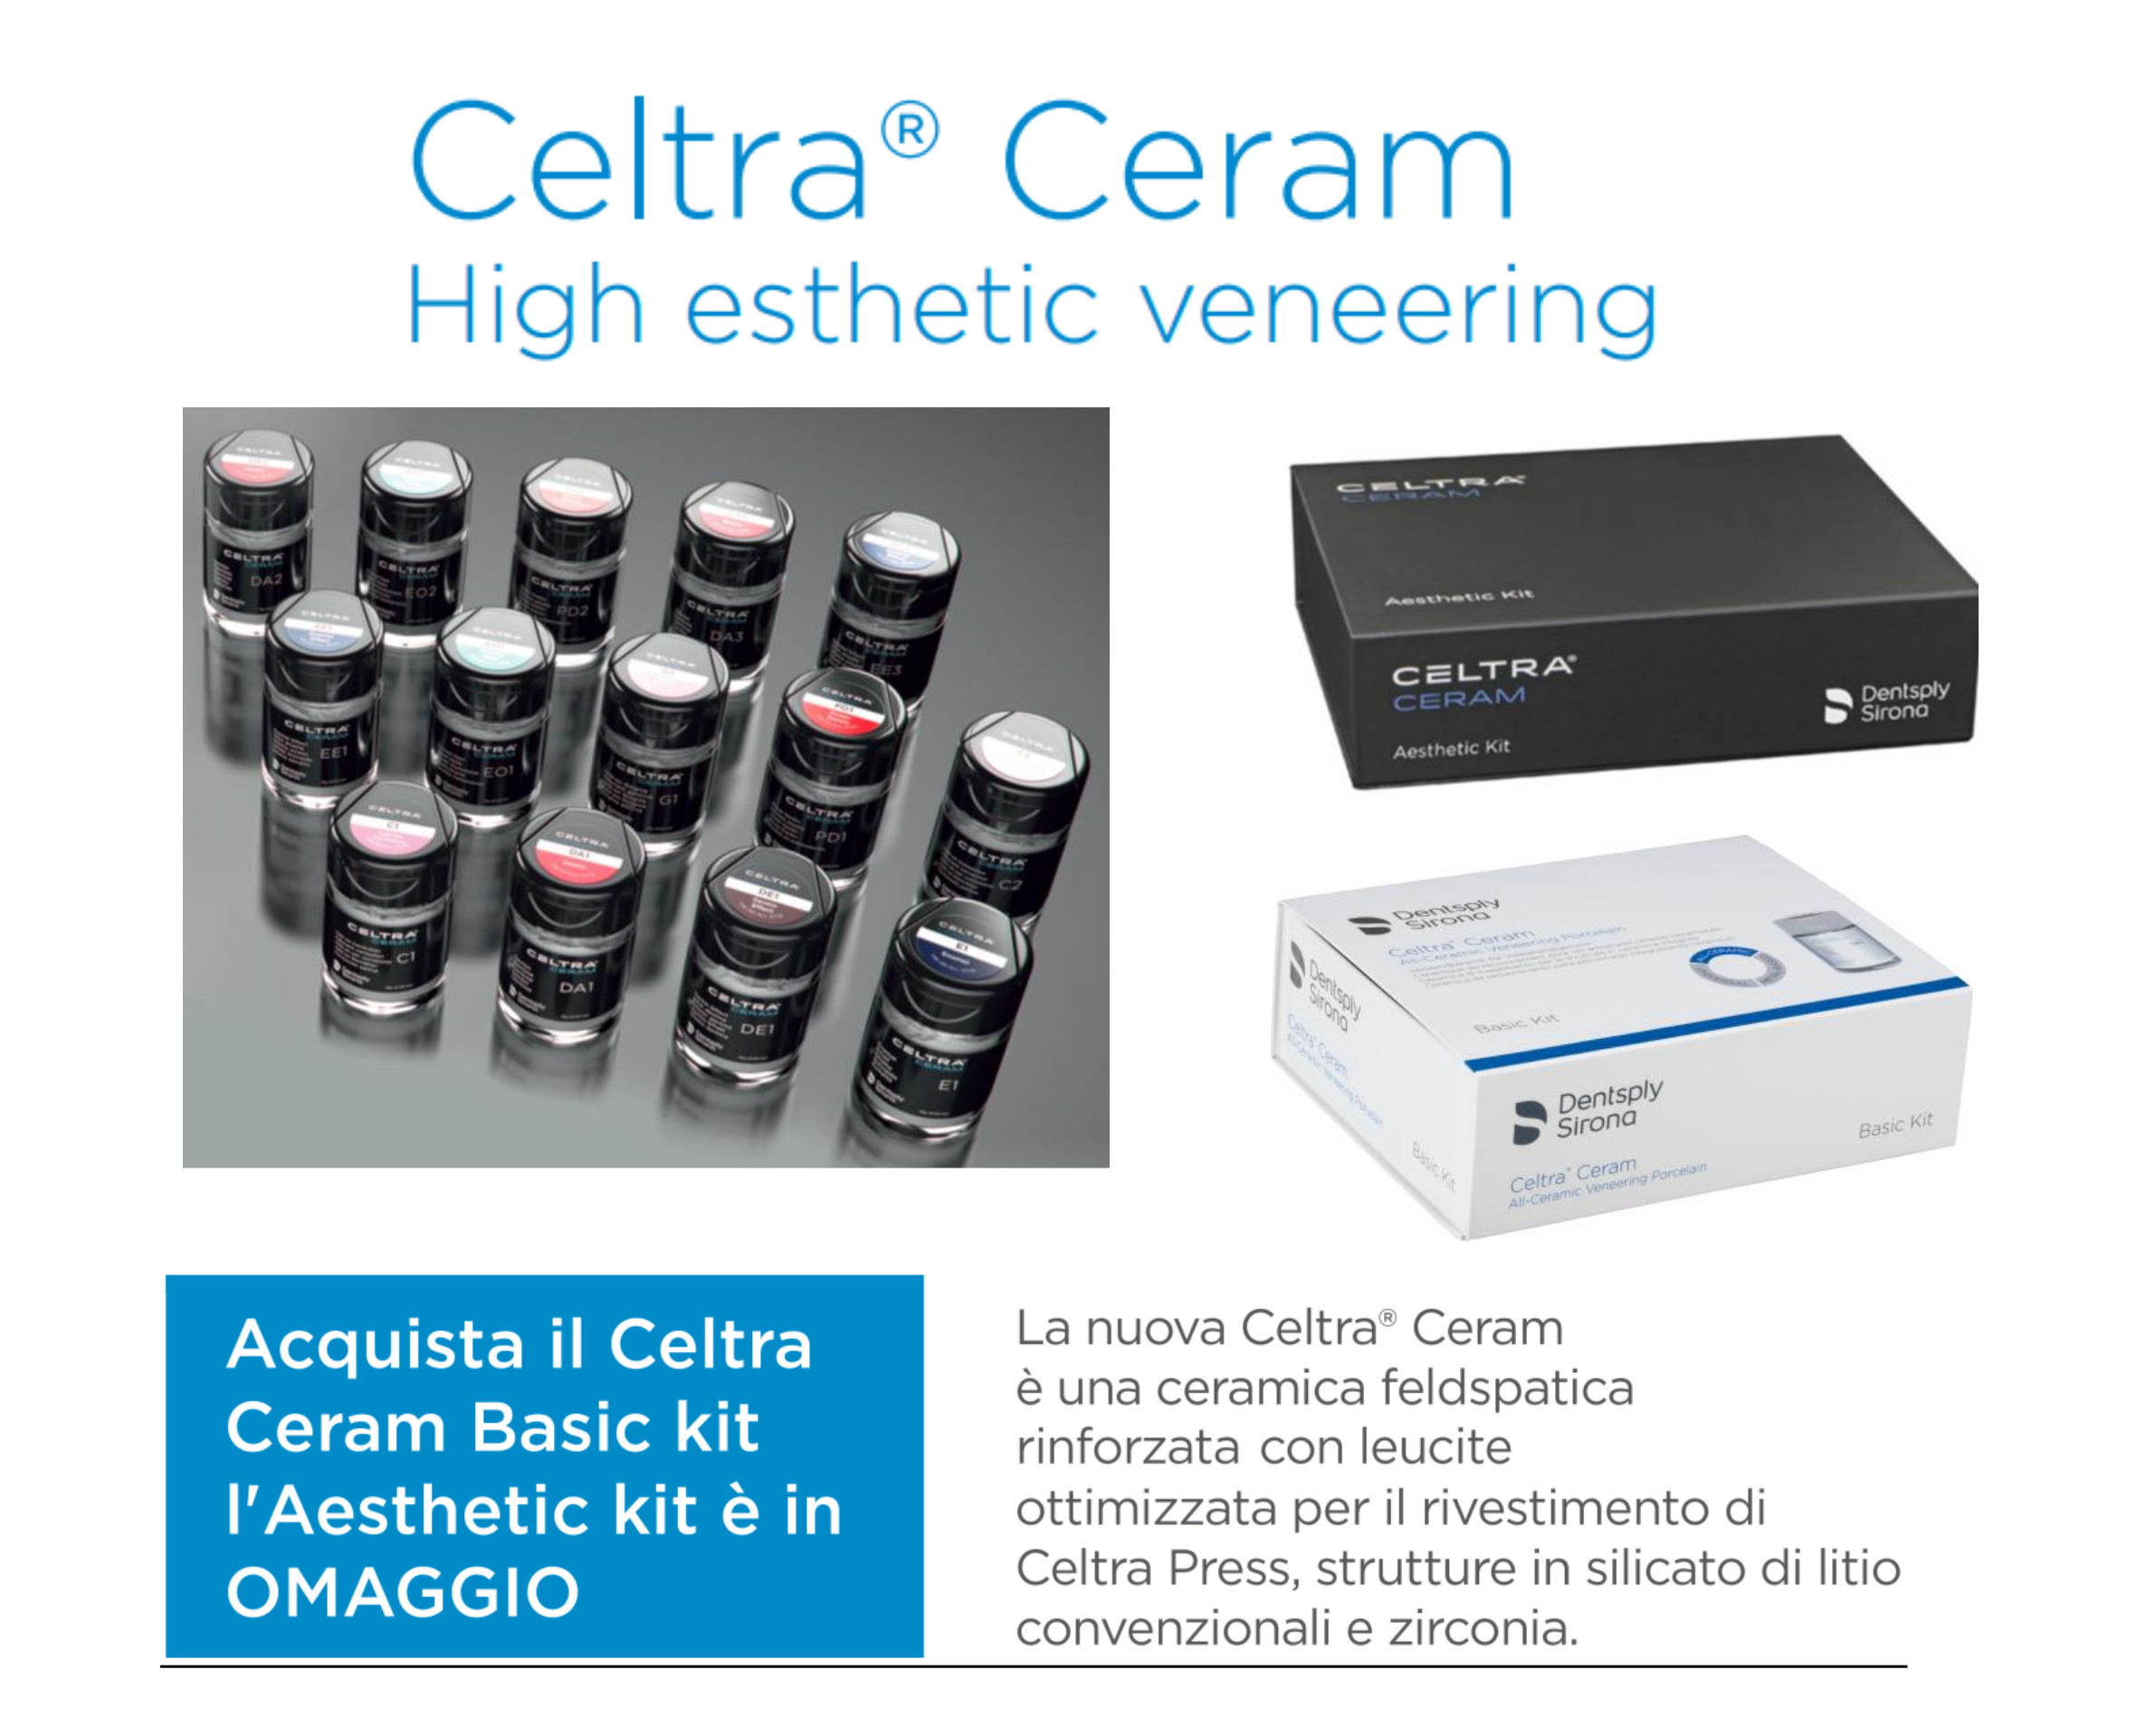 celtra ceram basic kit + aesthetic kit